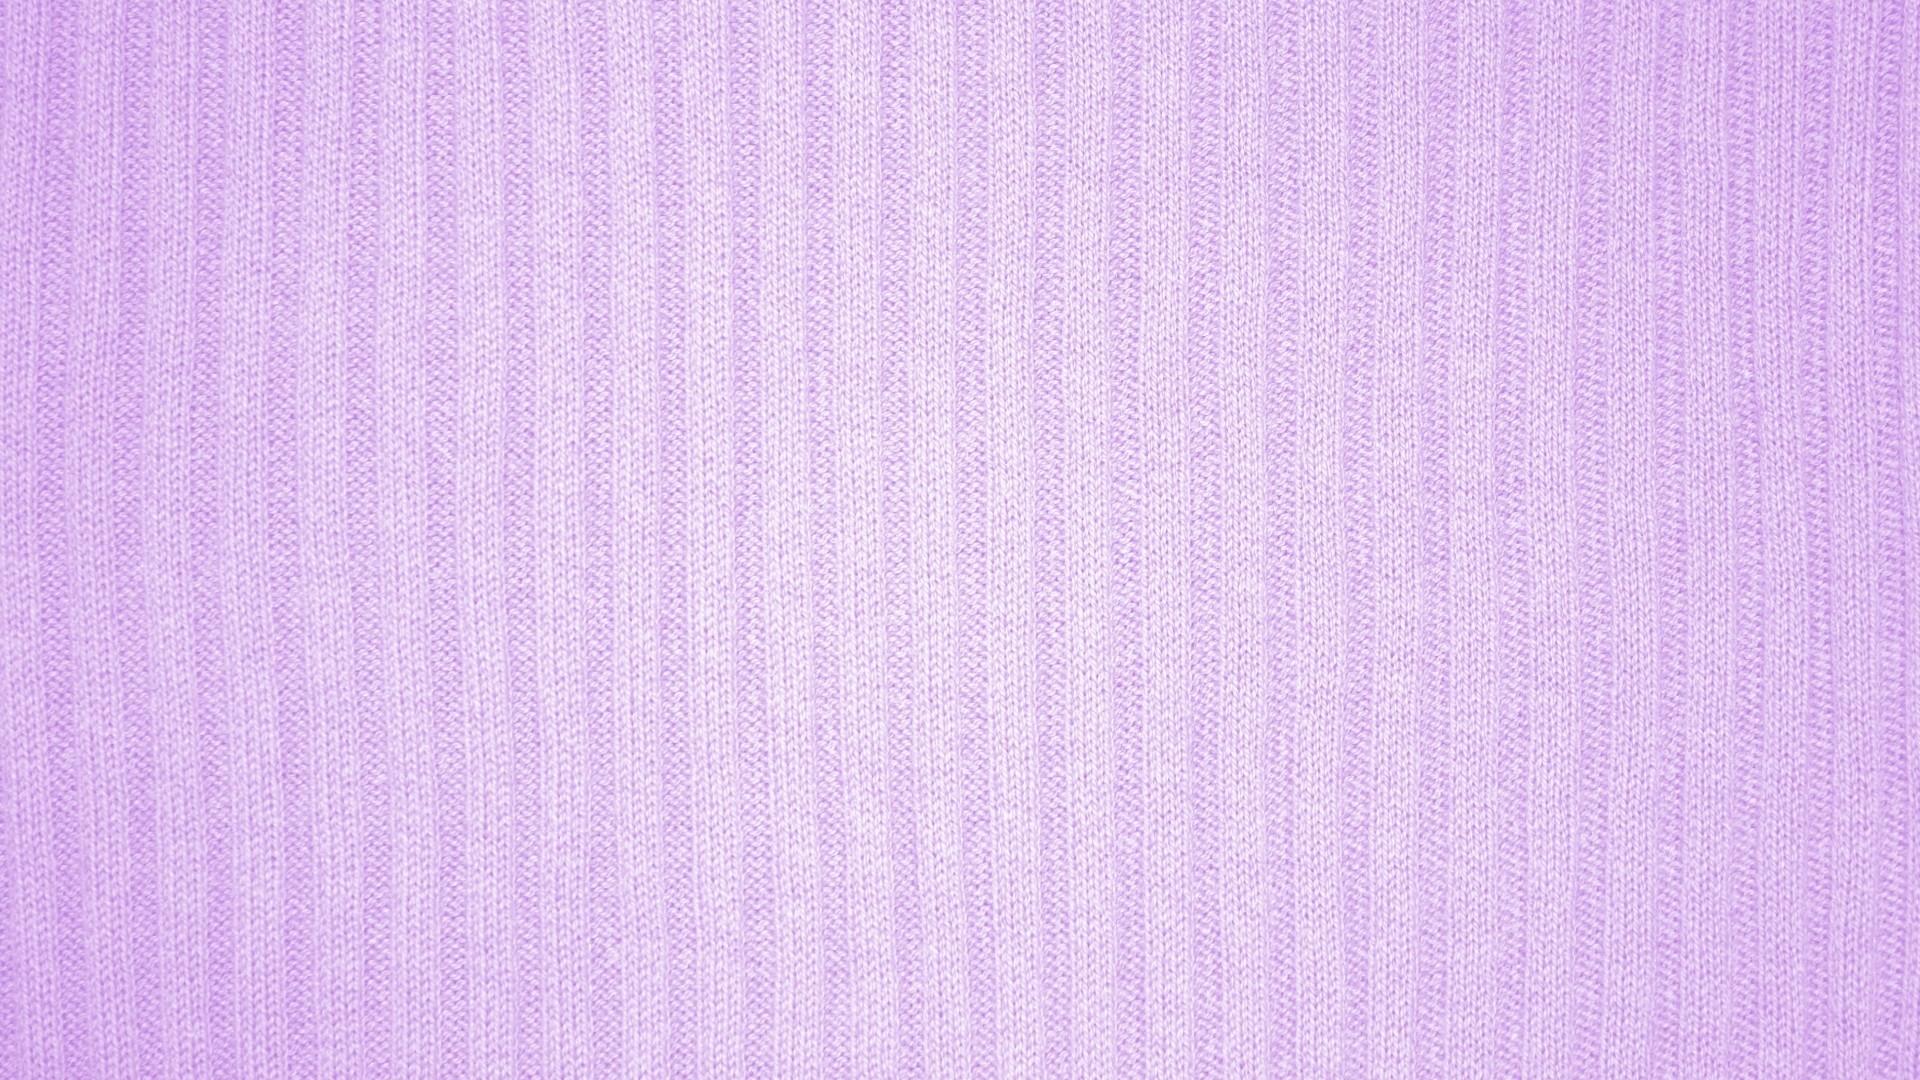 Light Purple HD Wallpaper